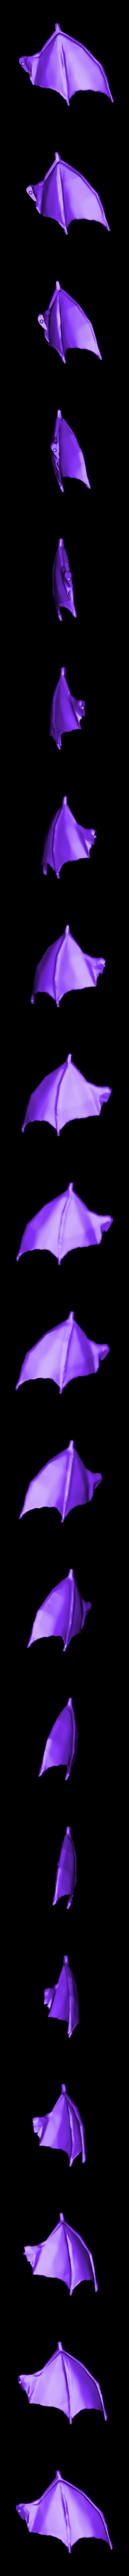 charizard_left_wing.stl Download free STL file Charizard • 3D print model, KerberosFi